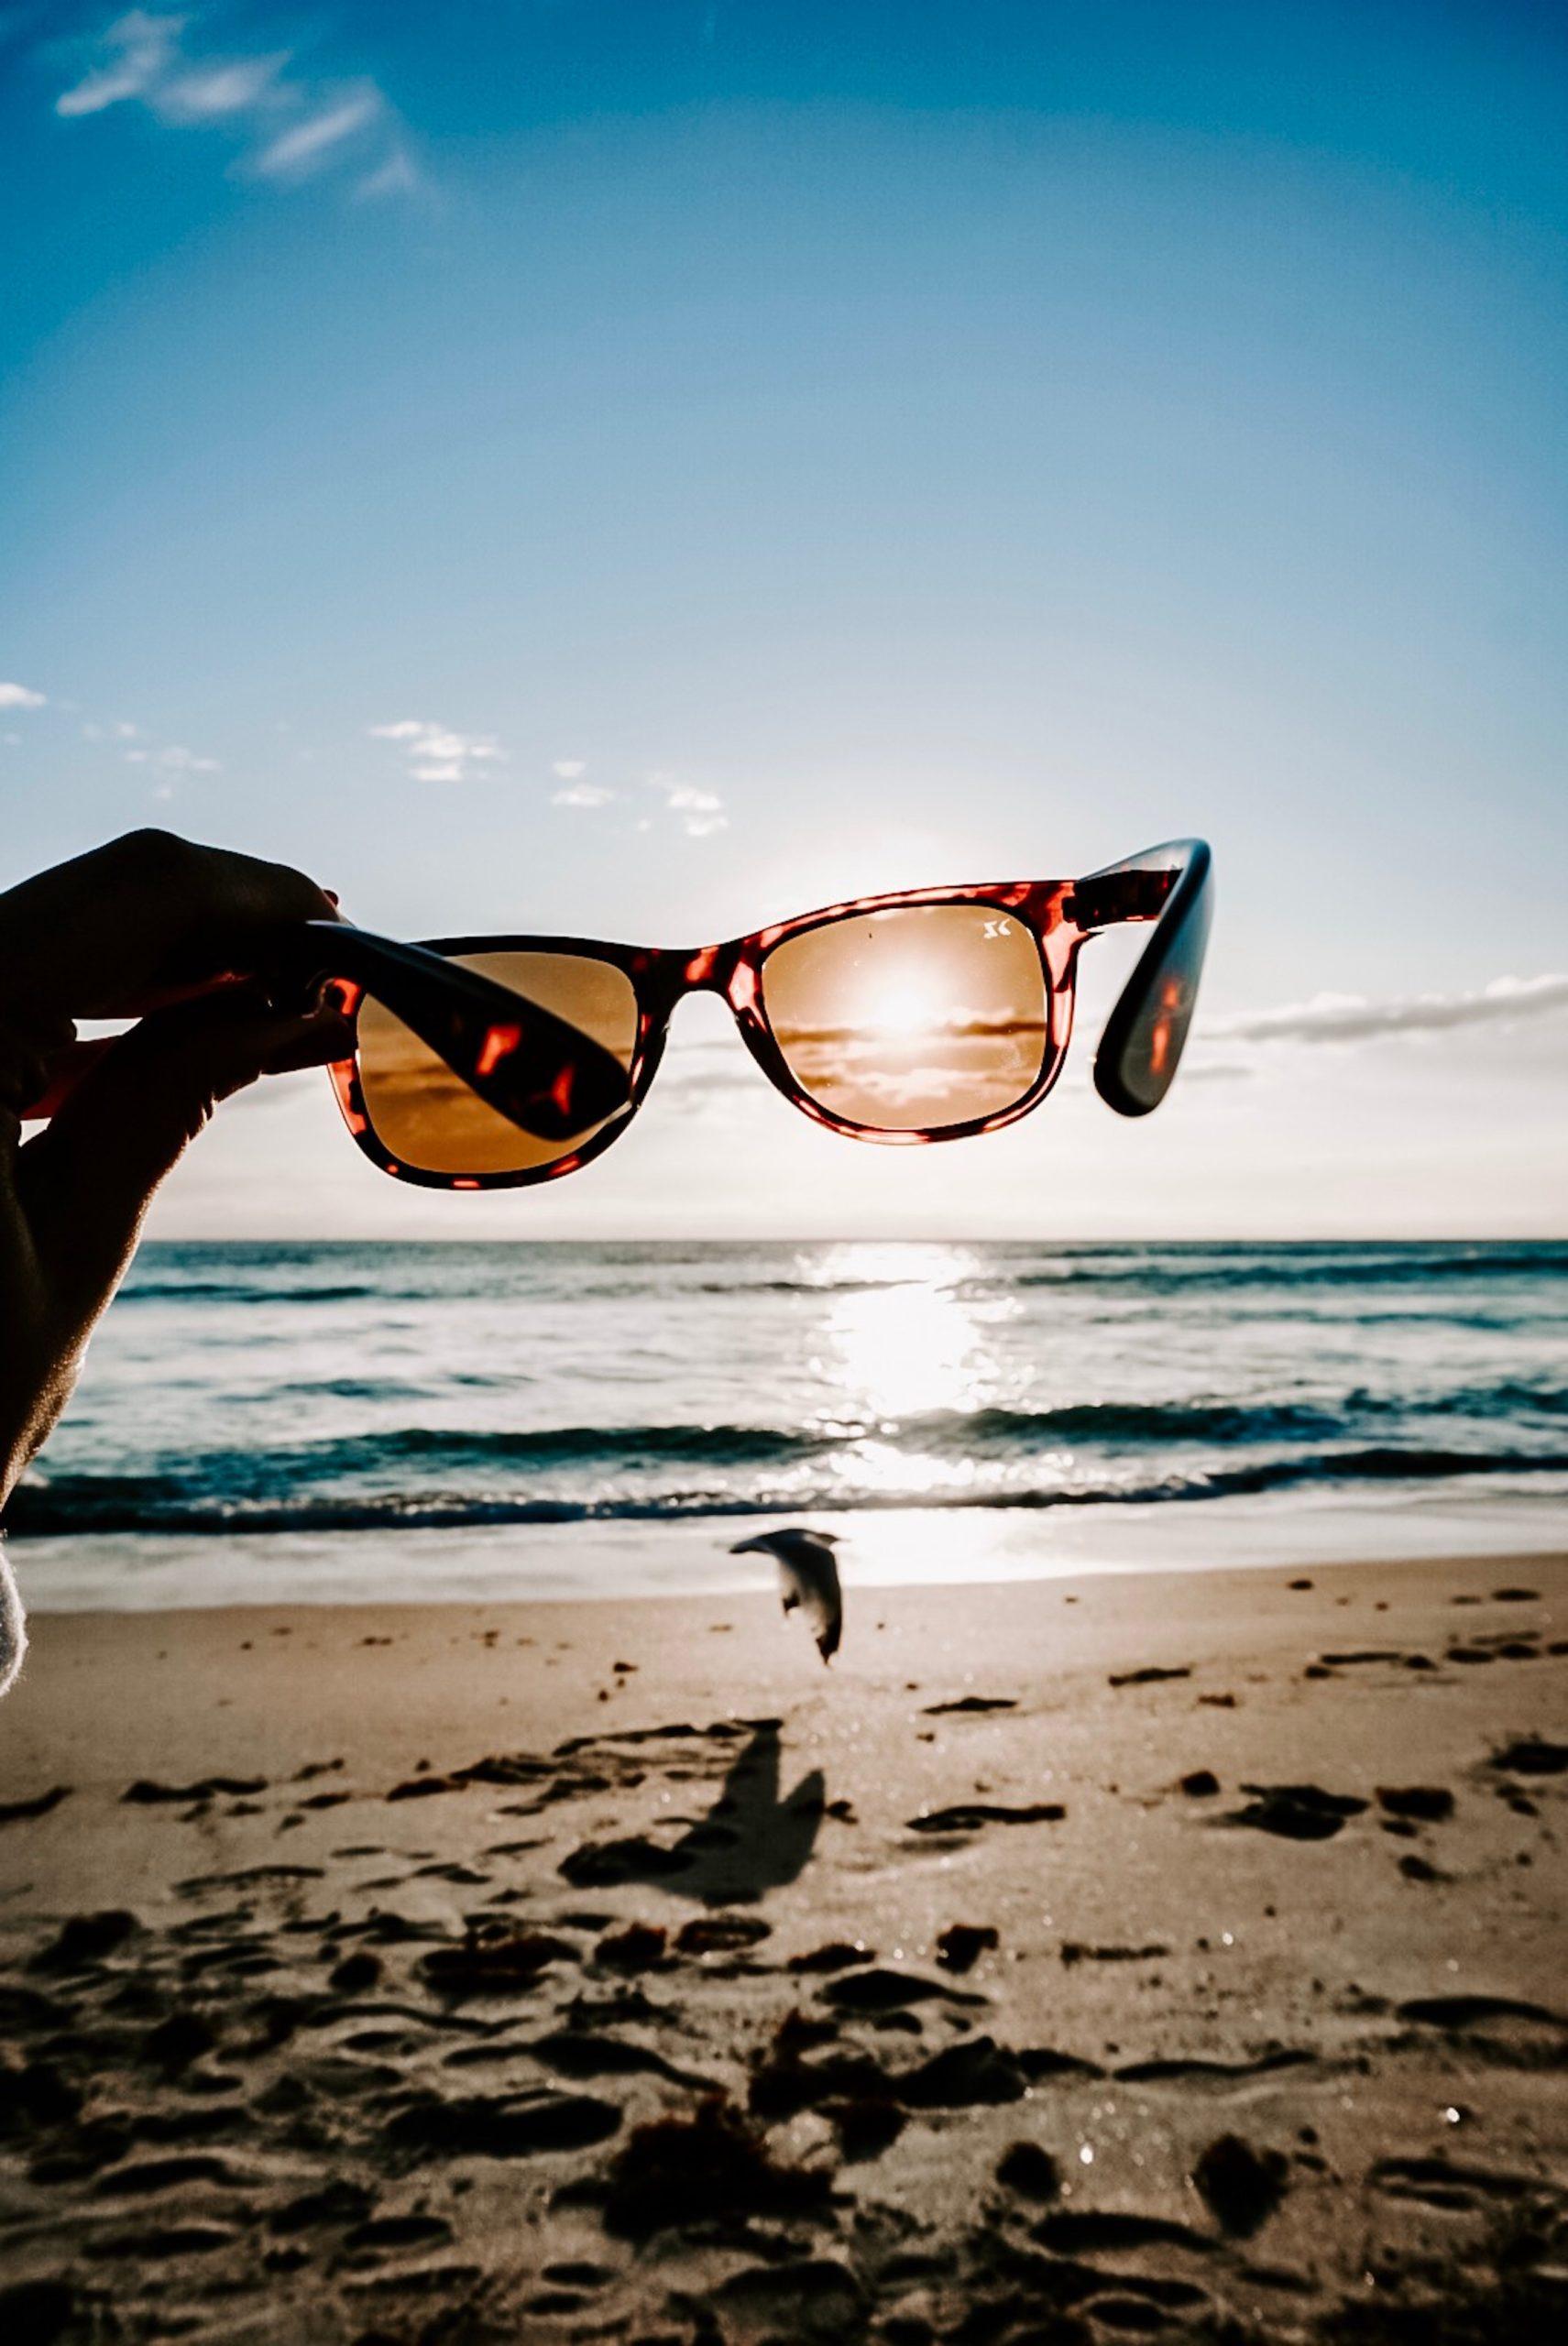 tortoiseshell-framed-sunglasses-1974614